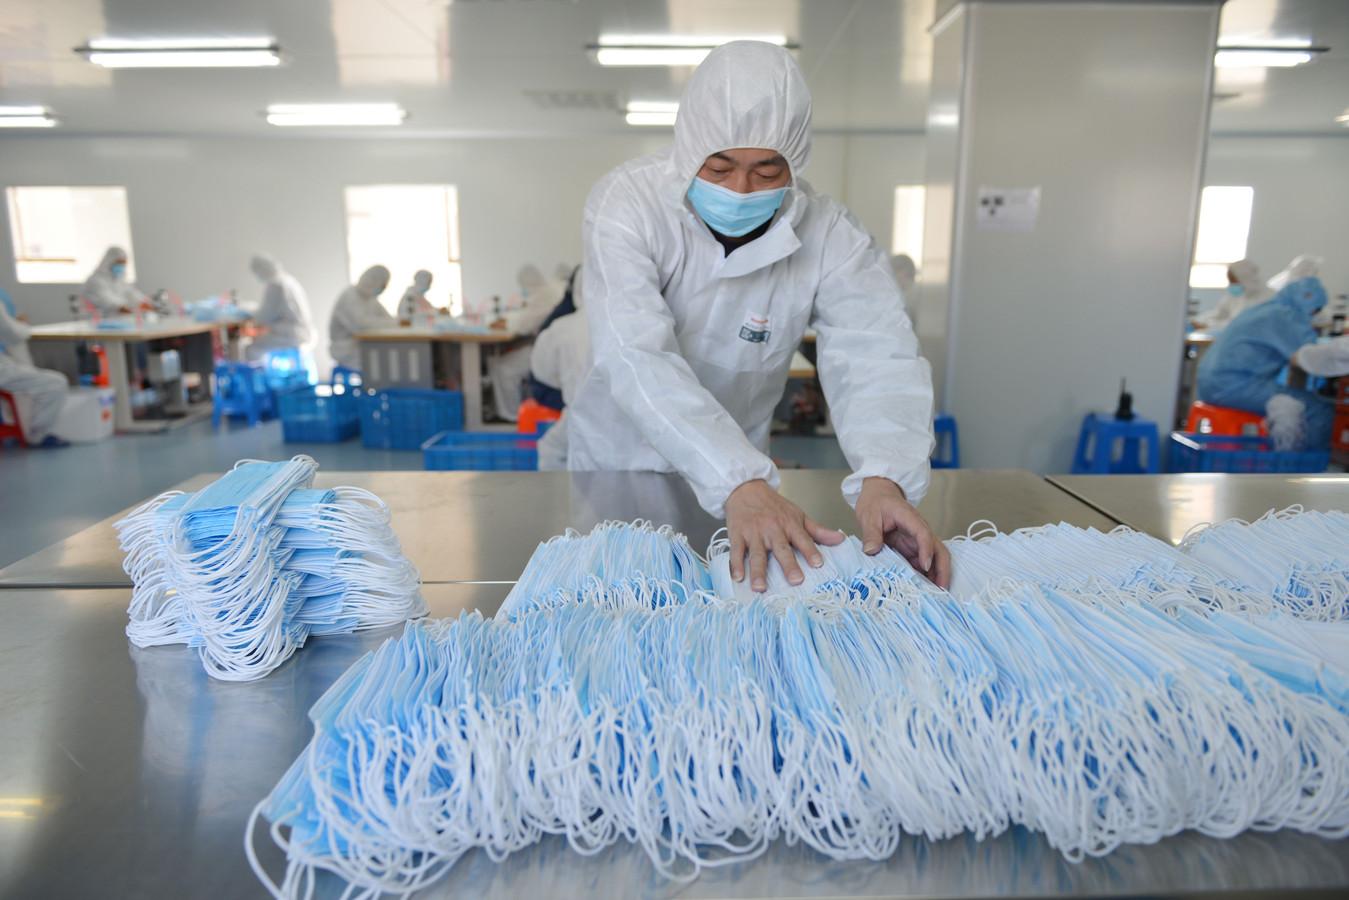 Een werknemer sorteert gezichtsmaskers in een fabriek in China.